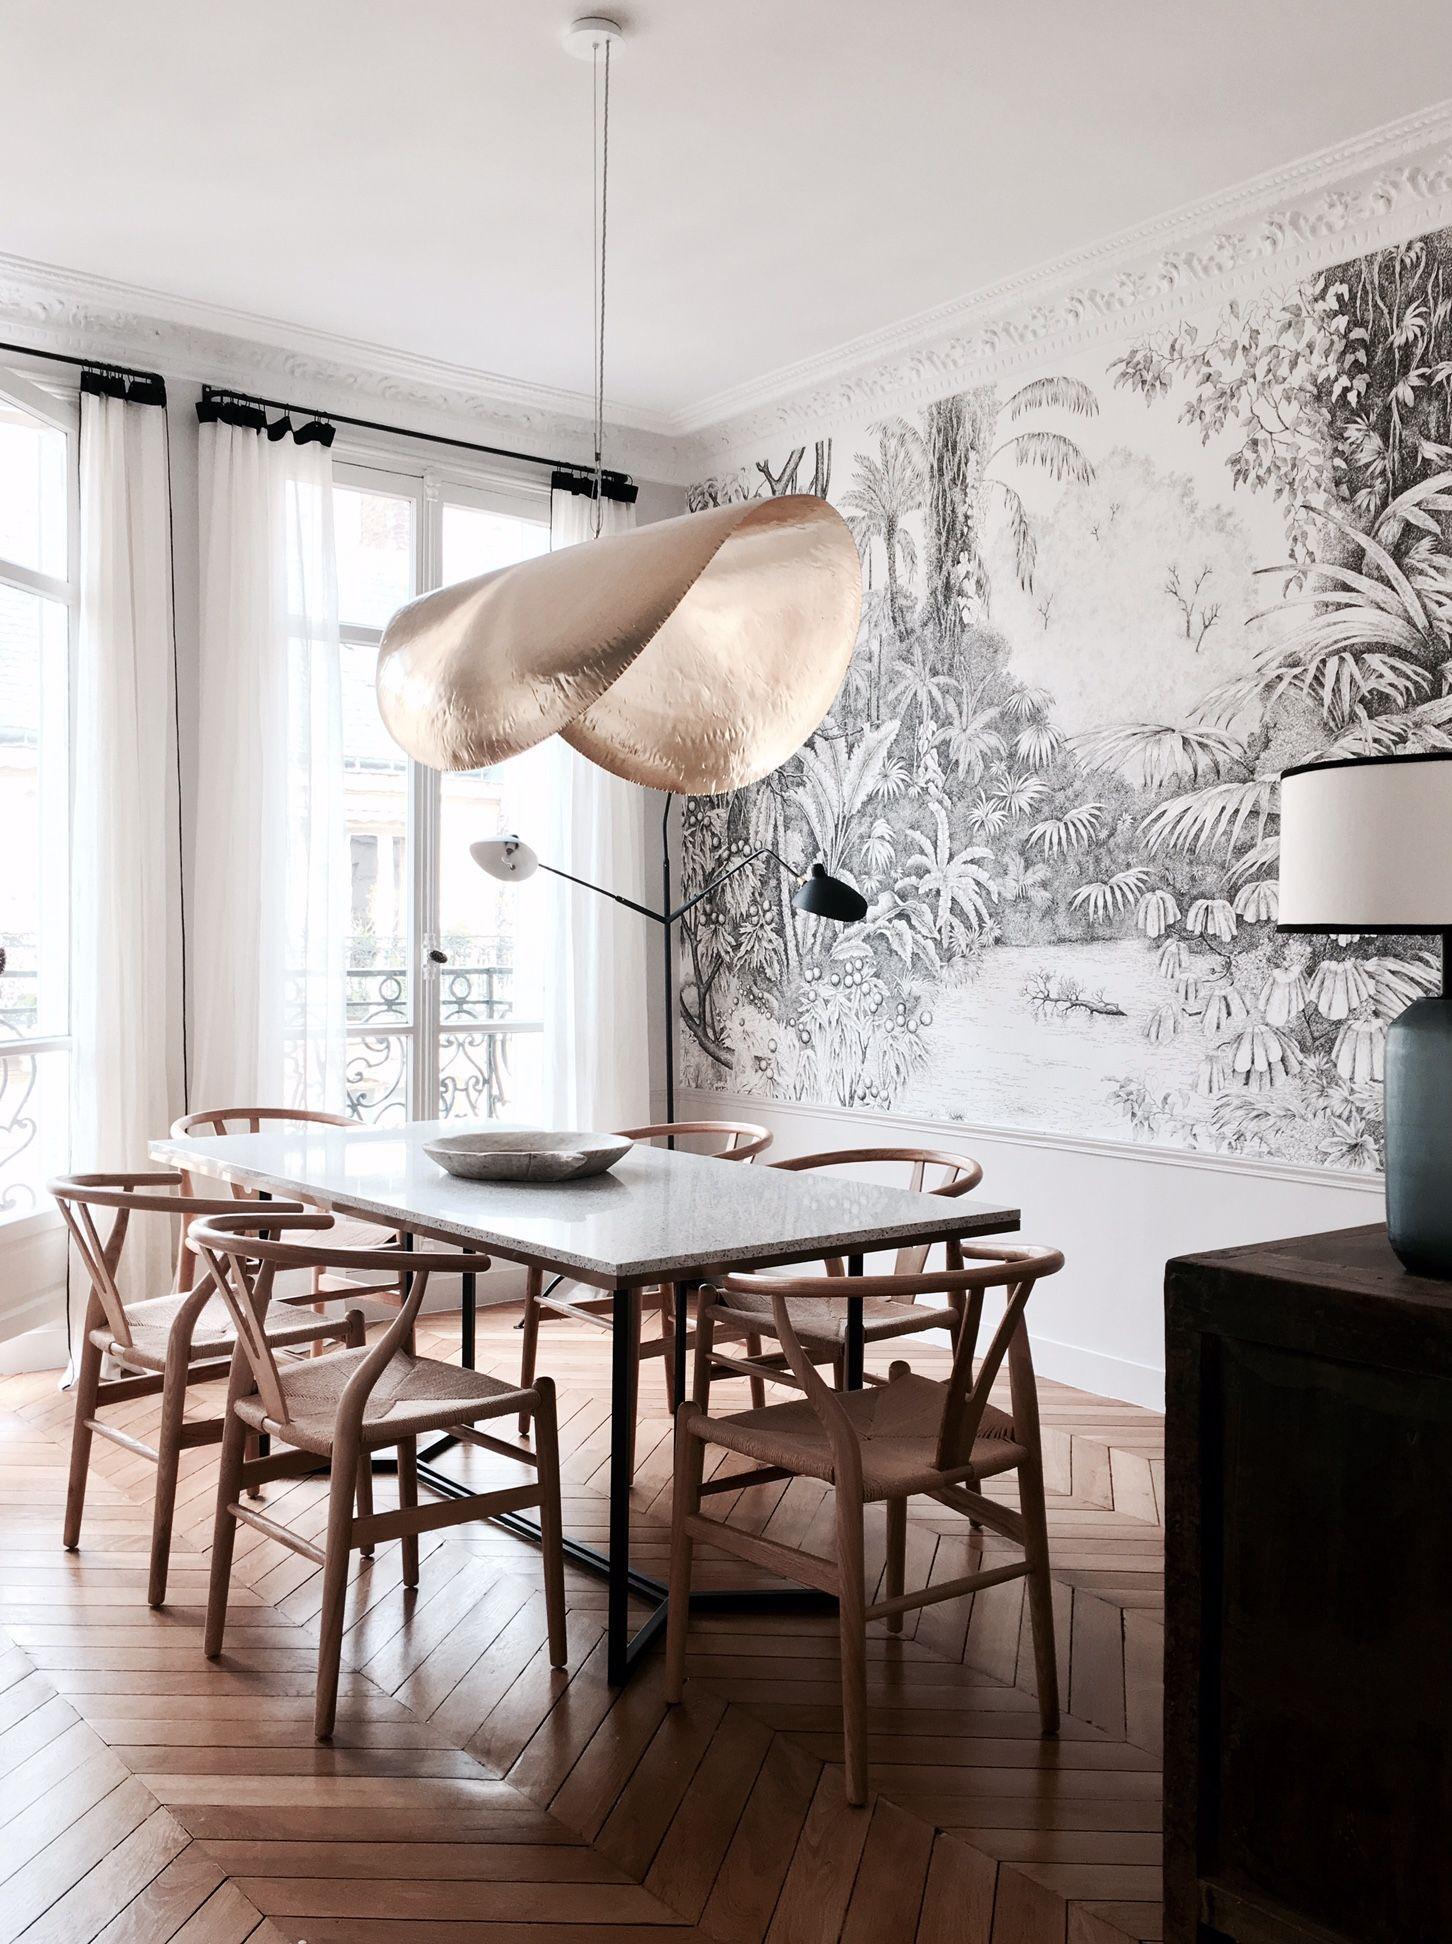 Visite Appartement Paris Deco Caroline Andreoni Reportage Billie Blanket Deco Interieur Salon Deco Maison Inspiration Salle A Manger